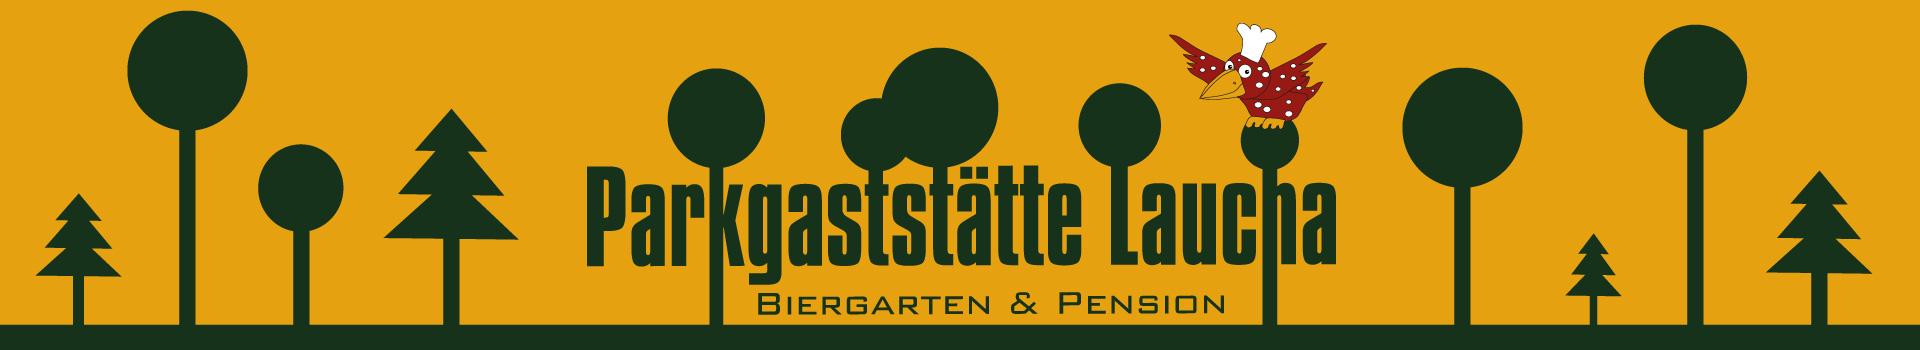 Parkgaststätte Laucha – Biergarten & Pension Logo